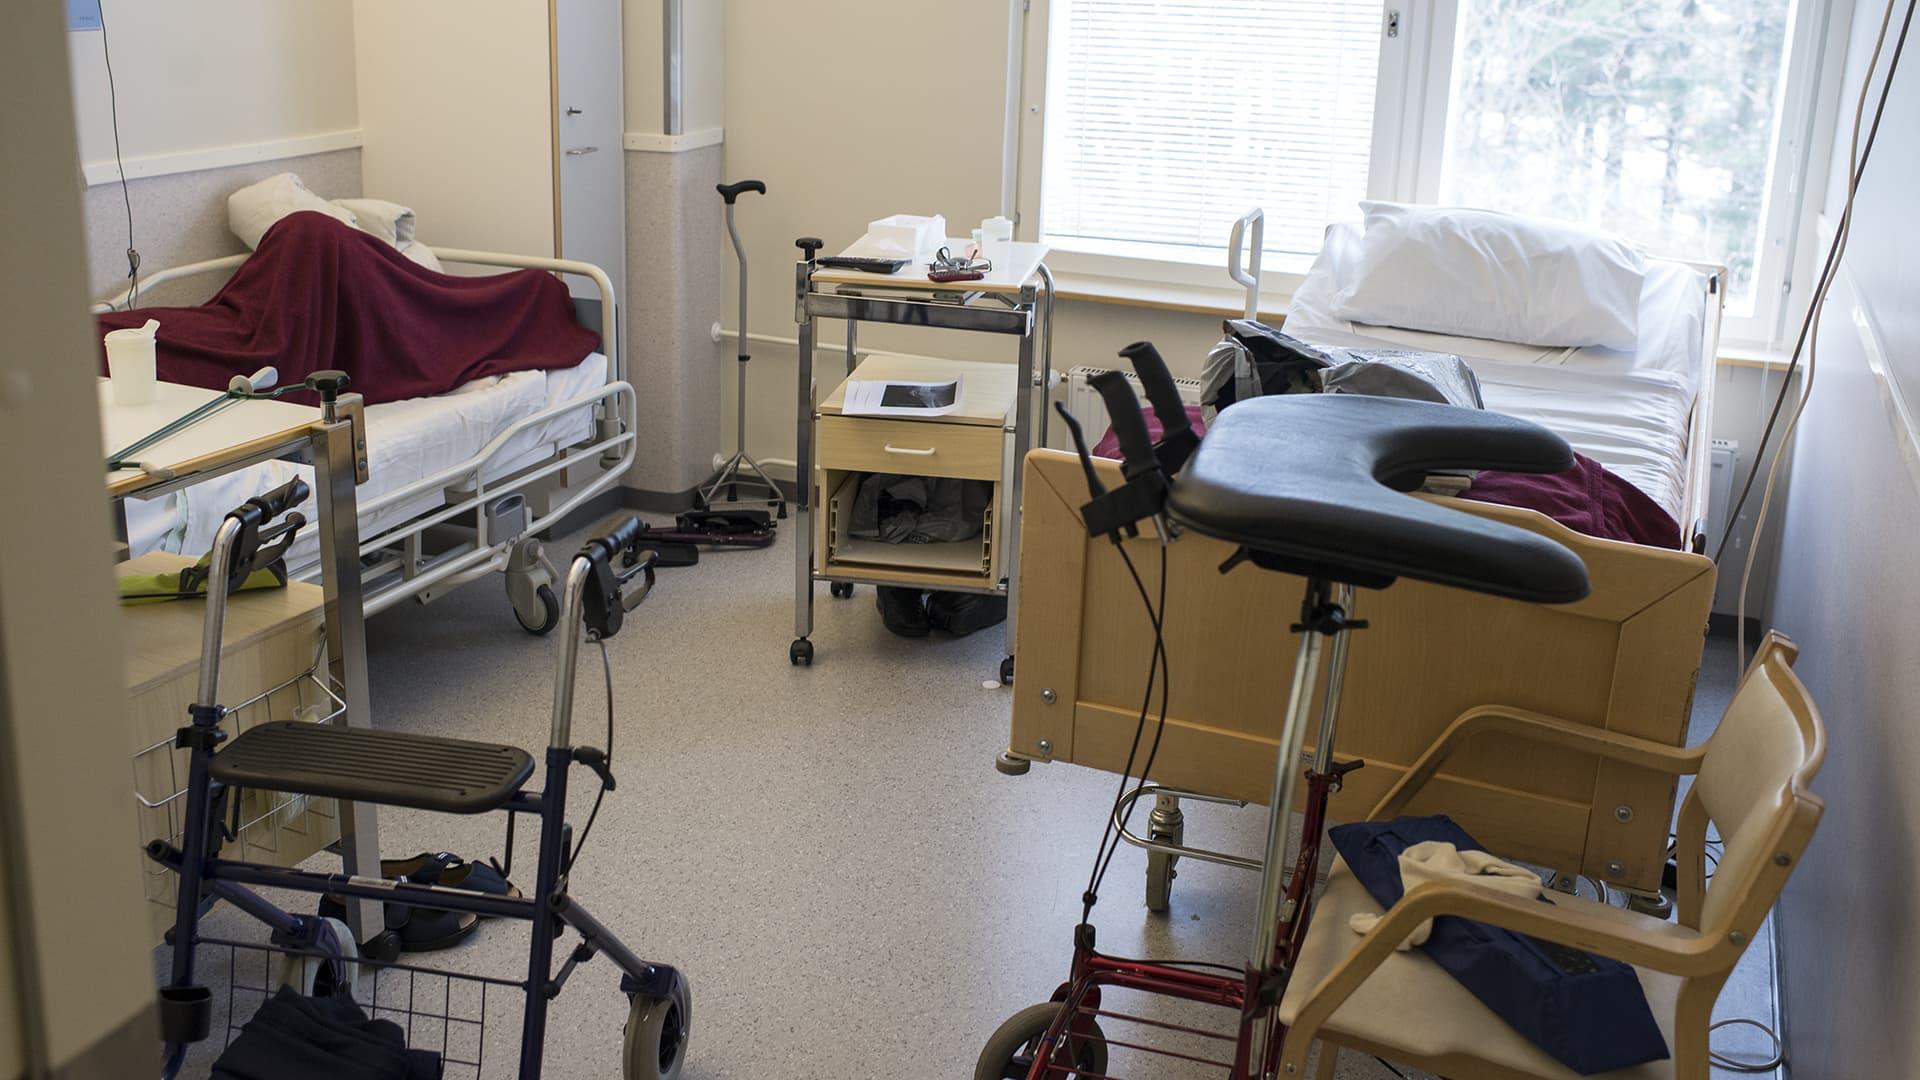 Ahtaan näköinen huone Malmin sairaalan vuodeosastolla 8.